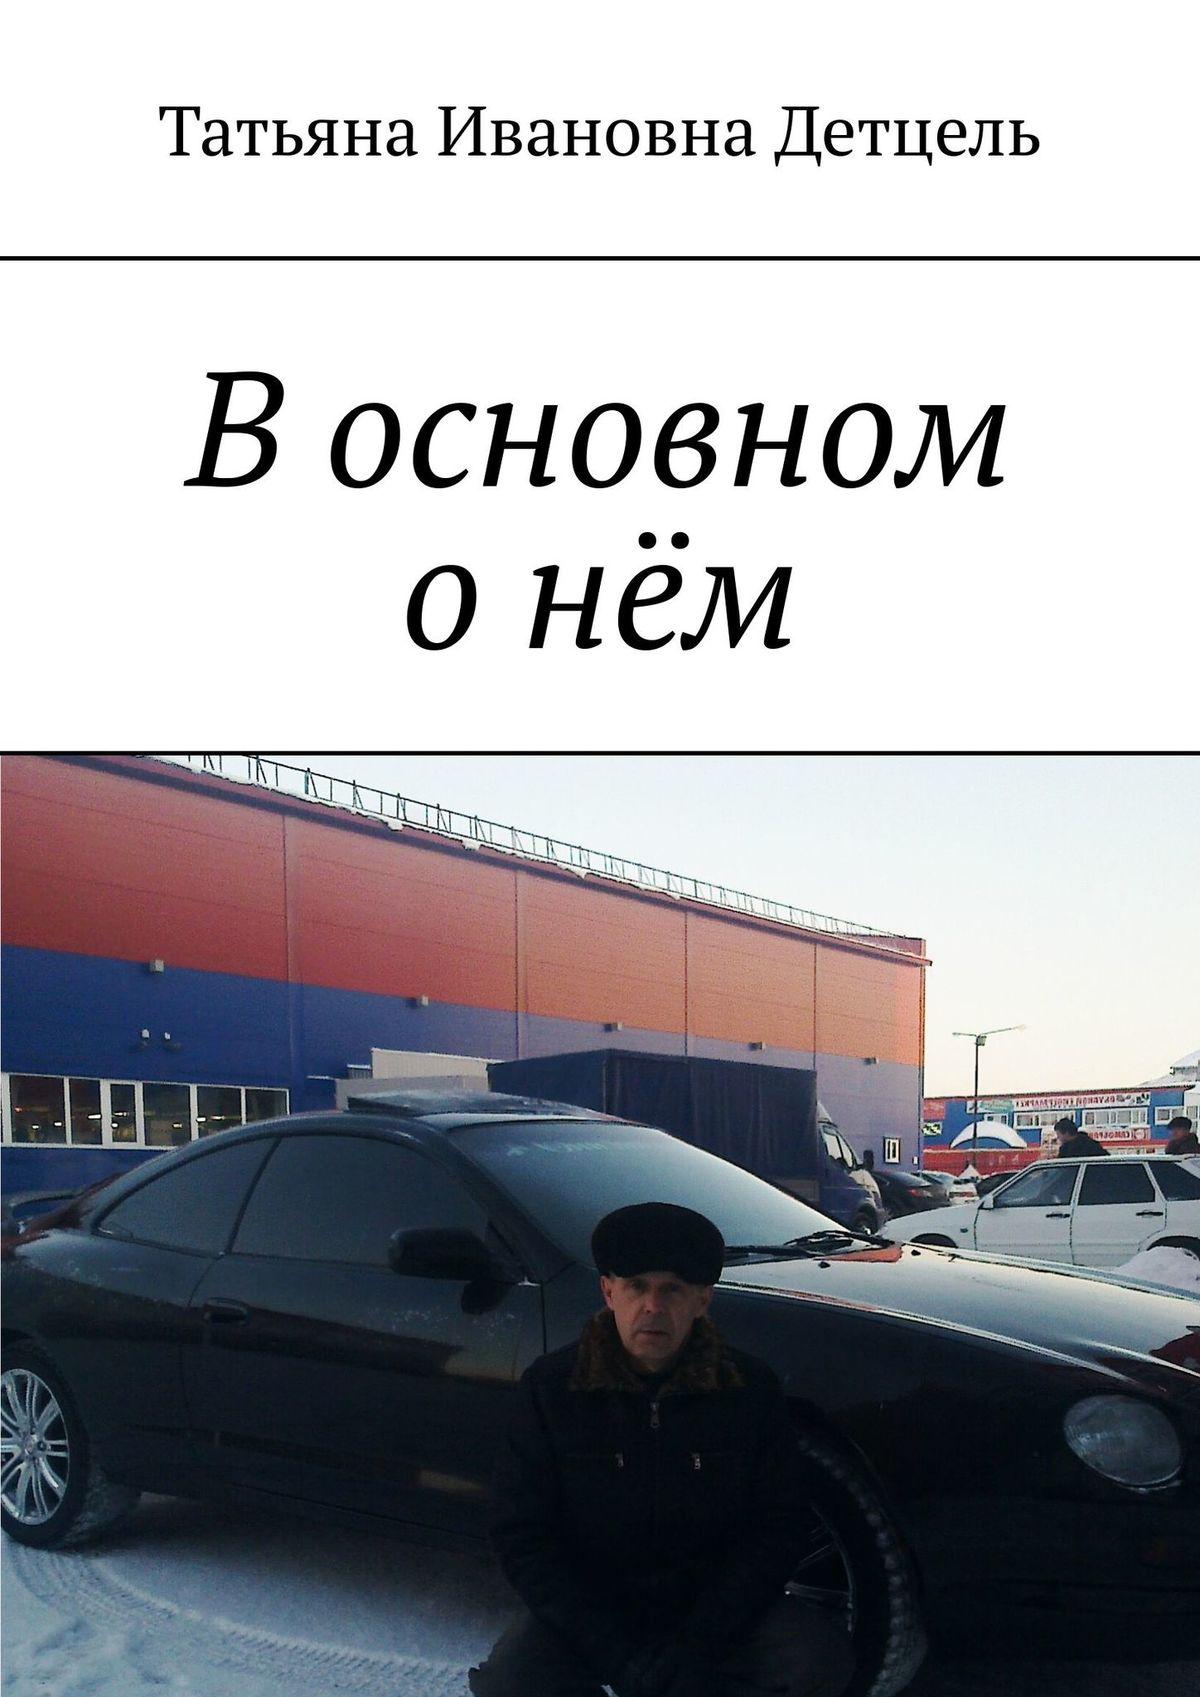 Татьяна Ивановна Детцель В основном о нём